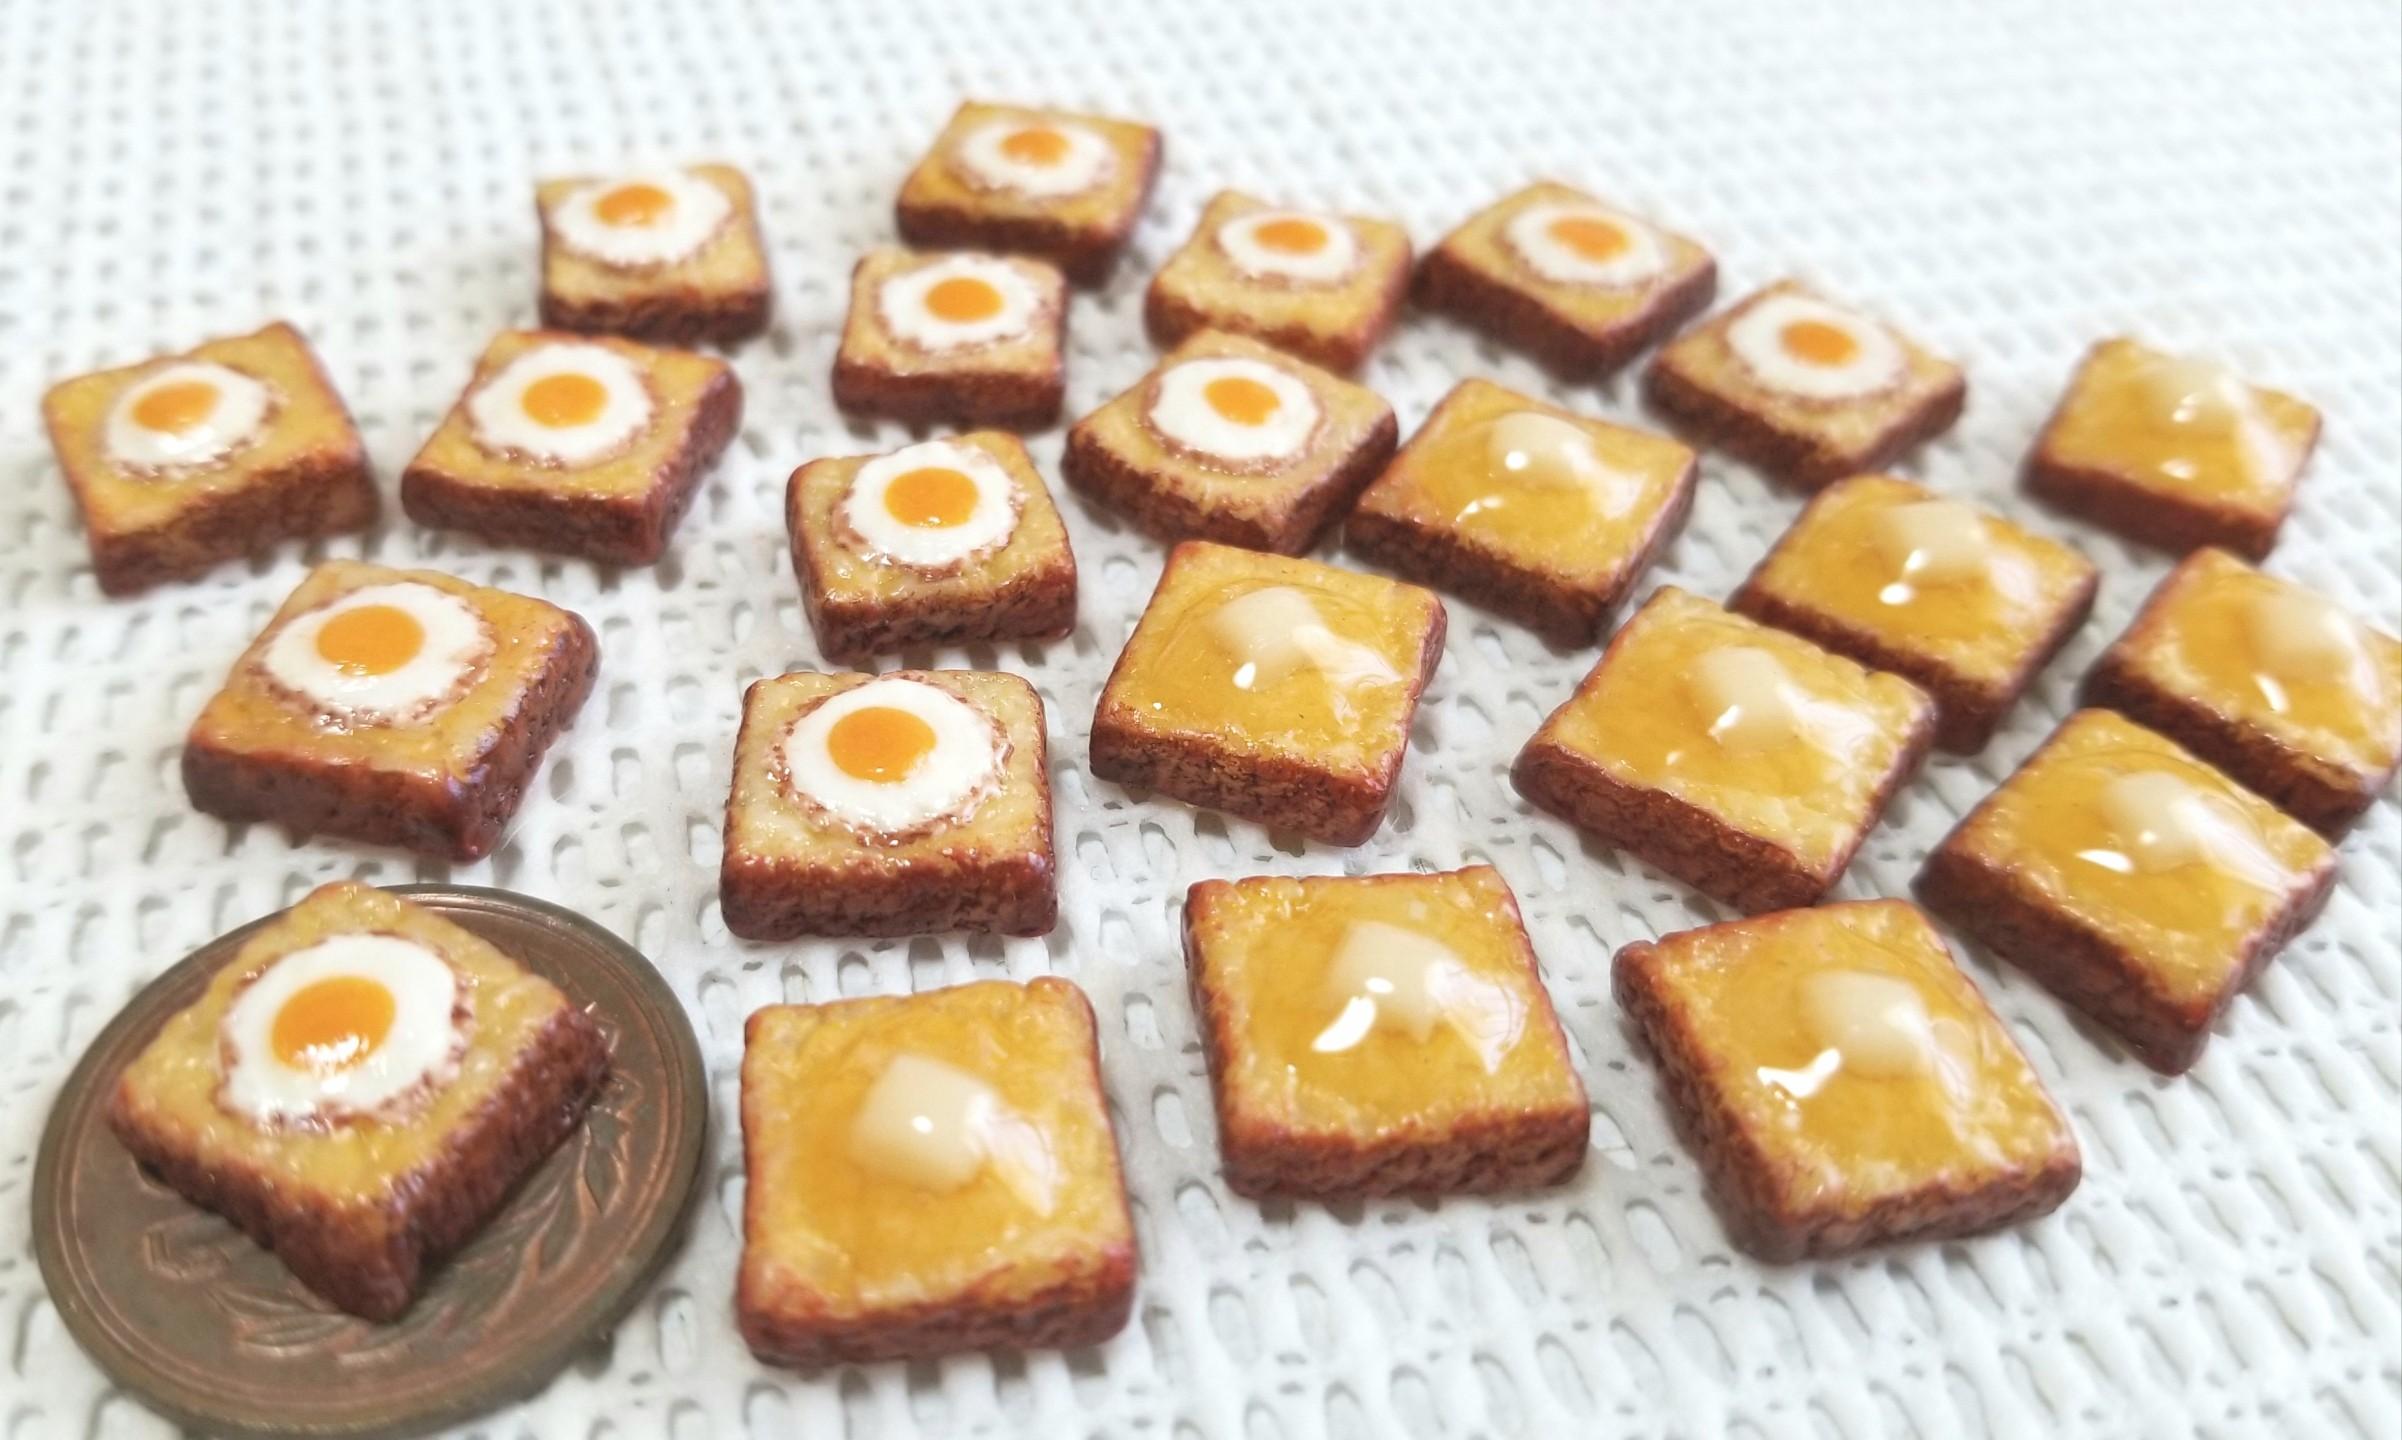 ミニチュアフード, トースト, 目玉焼き, バター, 樹脂粘土, 食パン